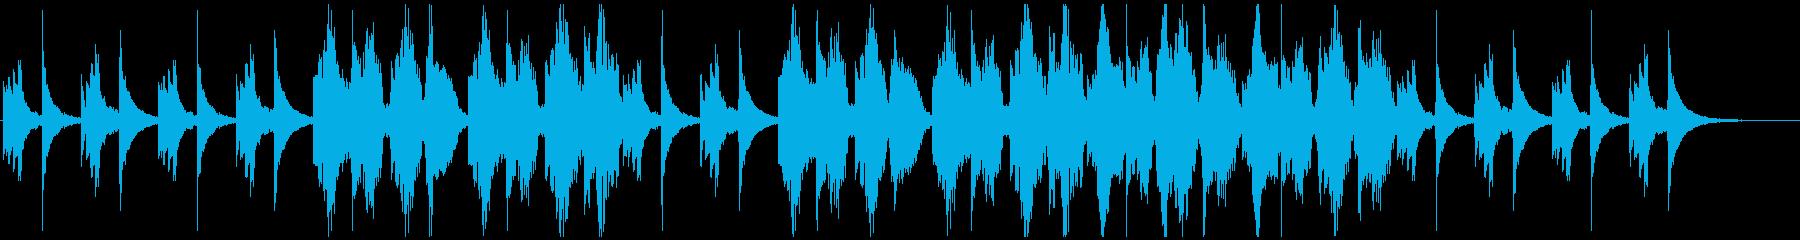 アコギとフルートのしっとりとした曲の再生済みの波形